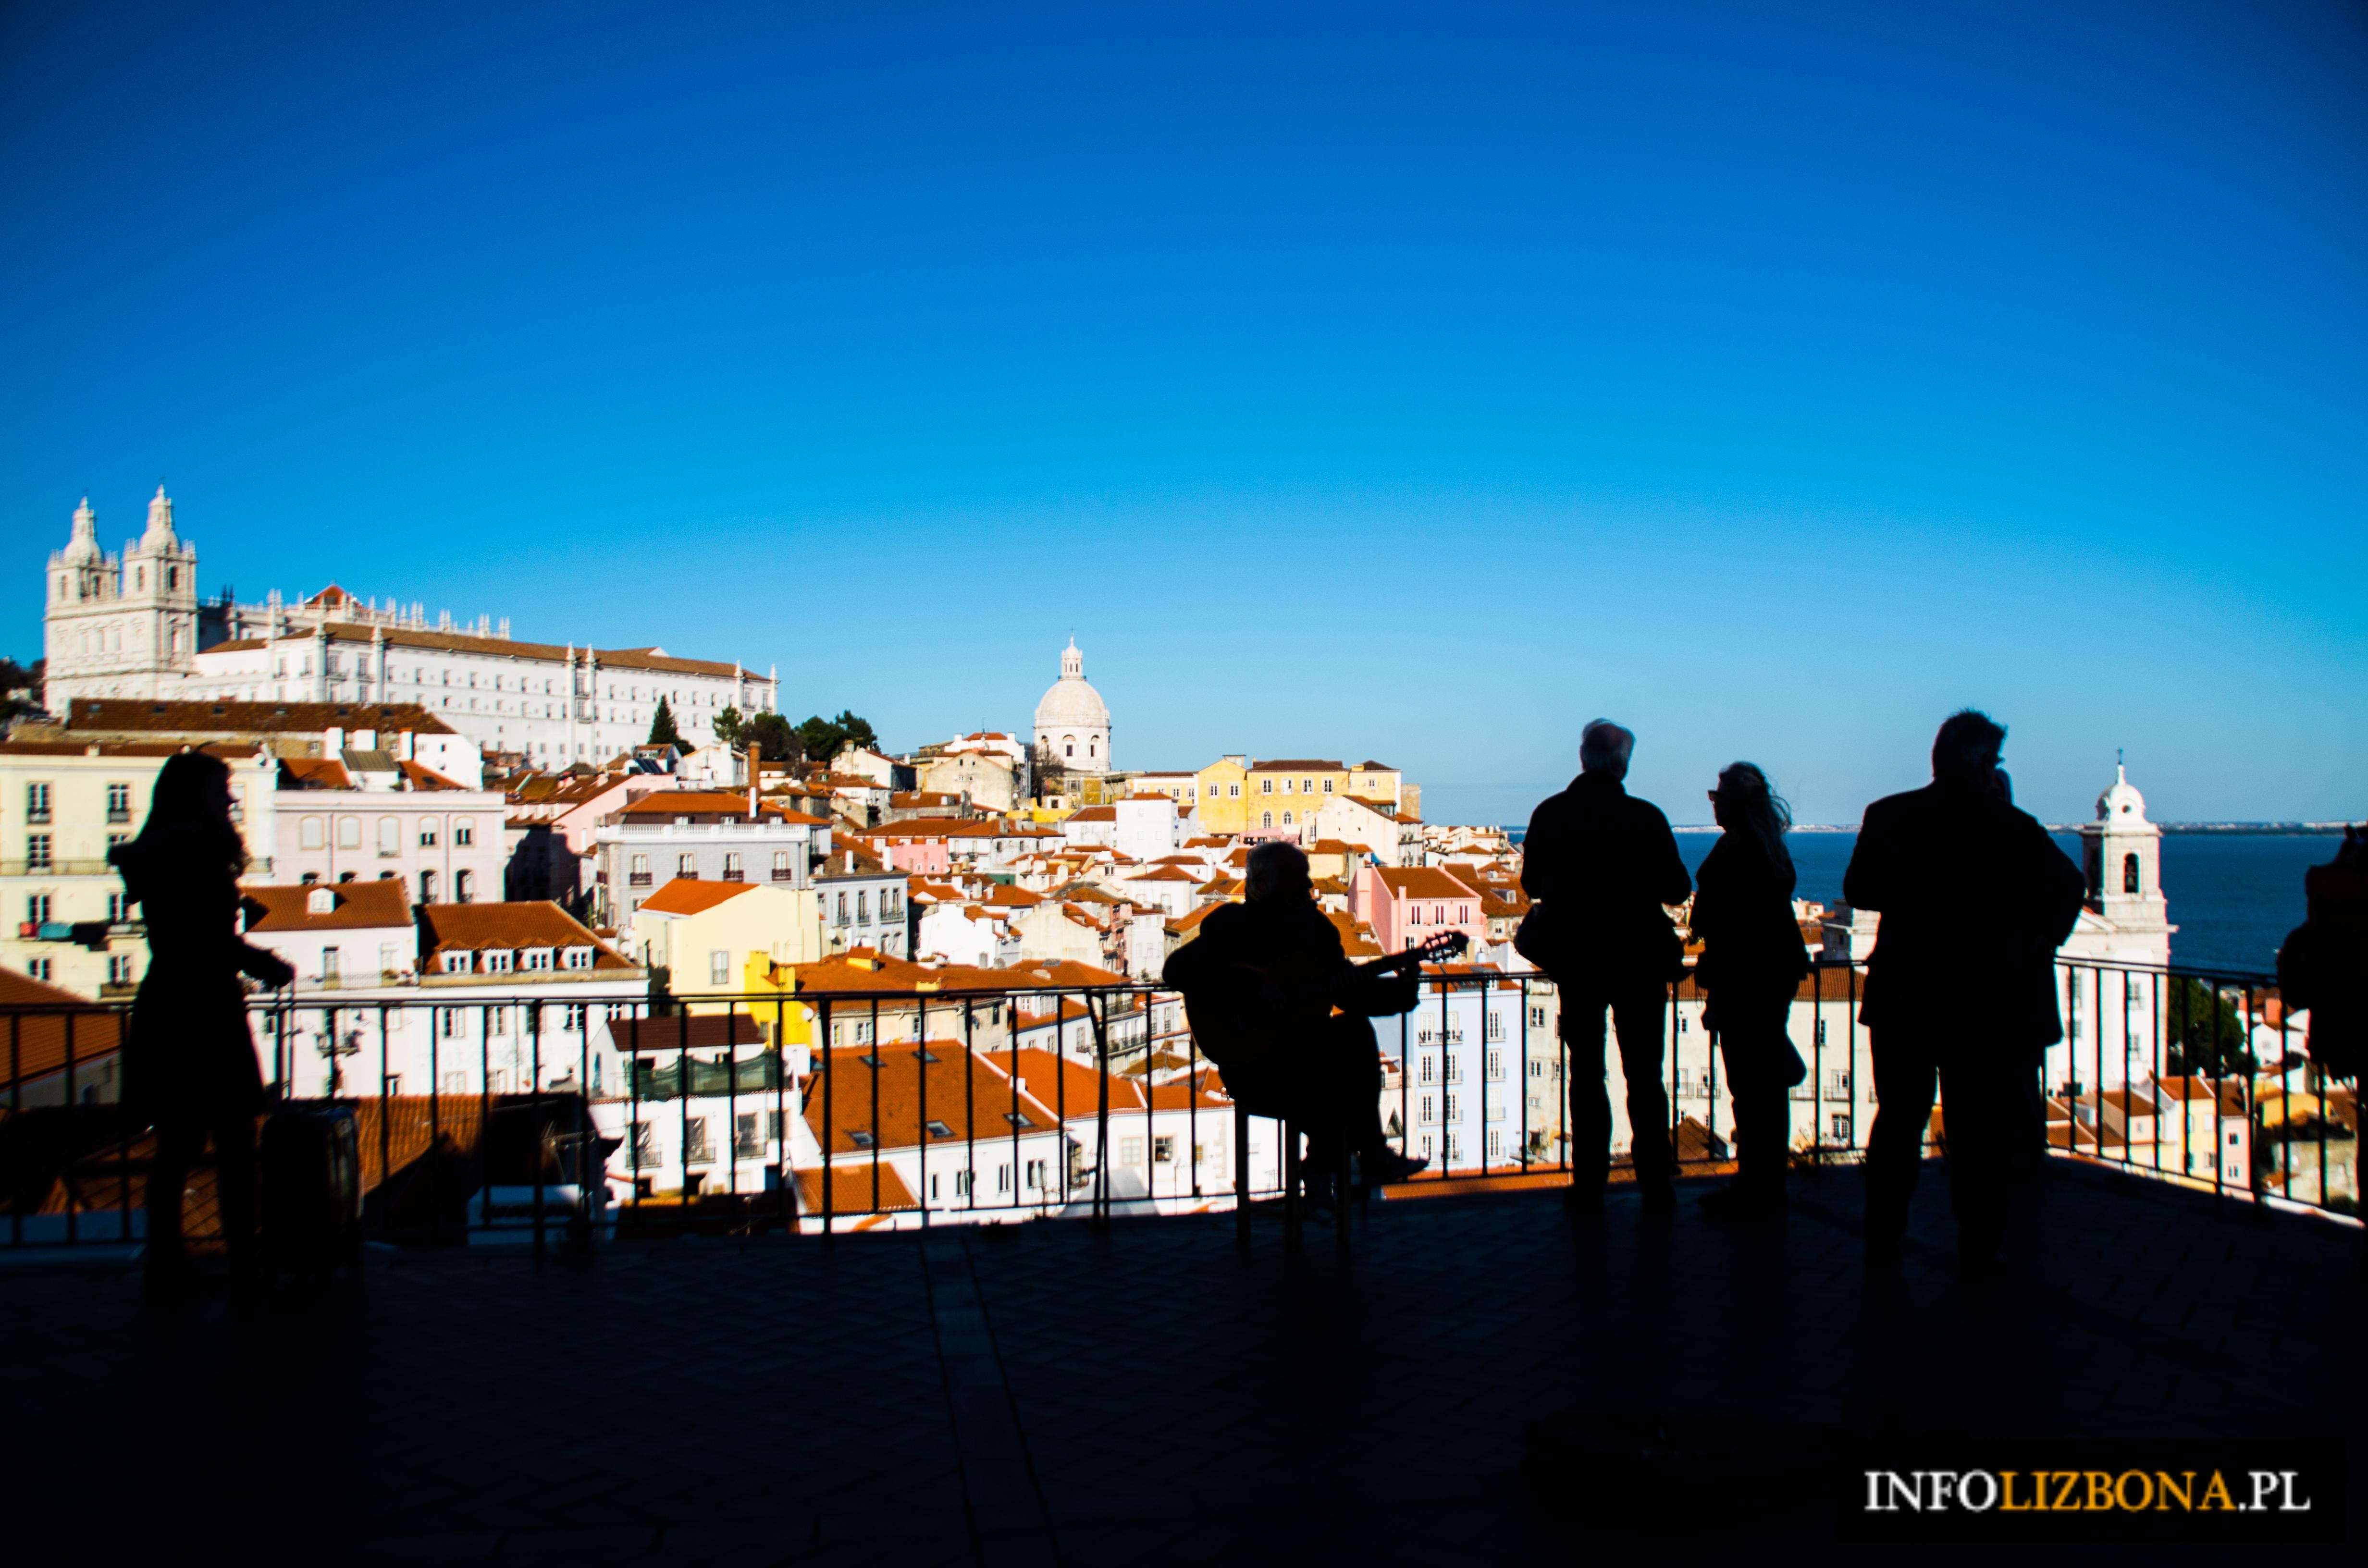 Co zobaczyć w Lizbonie Lisbonie co zwiedzić doświadczyć zrobić co warto najważniejsze zabytki i atrakcje turystyczne Lizbona Portugalia przewodnik po Lizbonie TOP lista zwiedzania